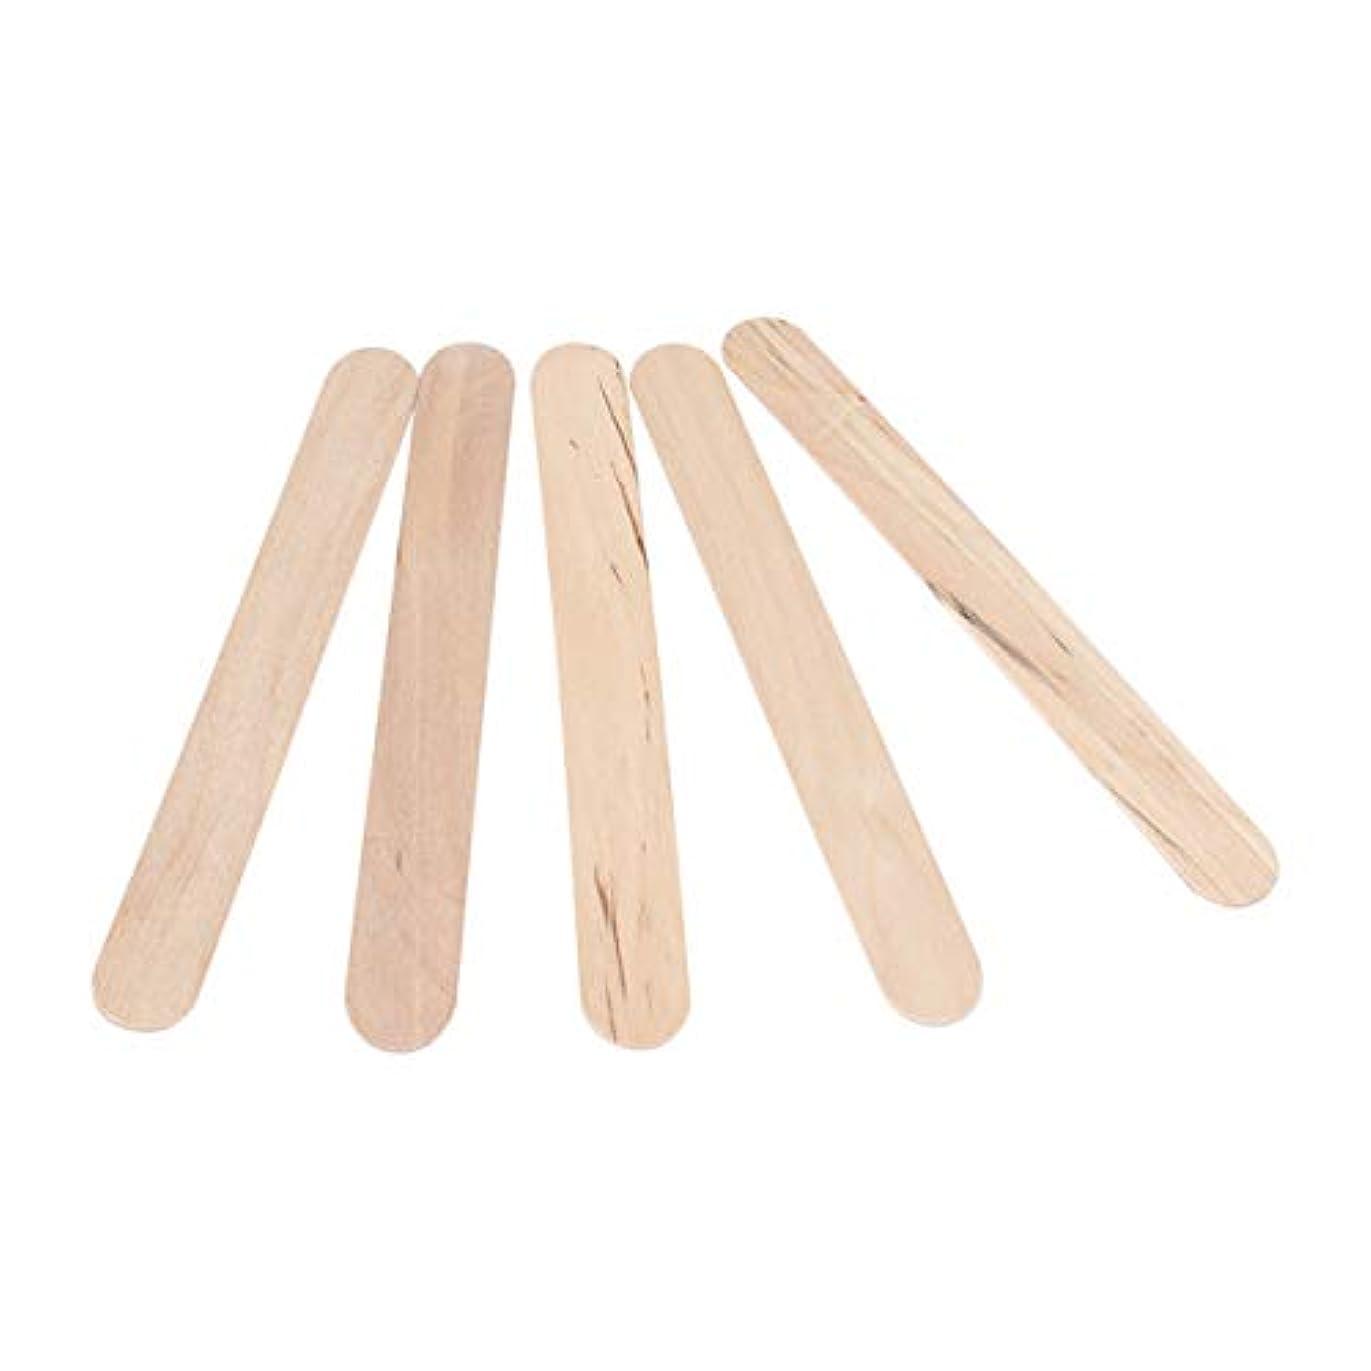 悲劇スローガン寛大さSTOBOK 300PCSワックスは使い捨てワックスへらスティック木製のワックス塗布器は、木材舌圧子木製のアイスキャンデークラフトスティックスティック